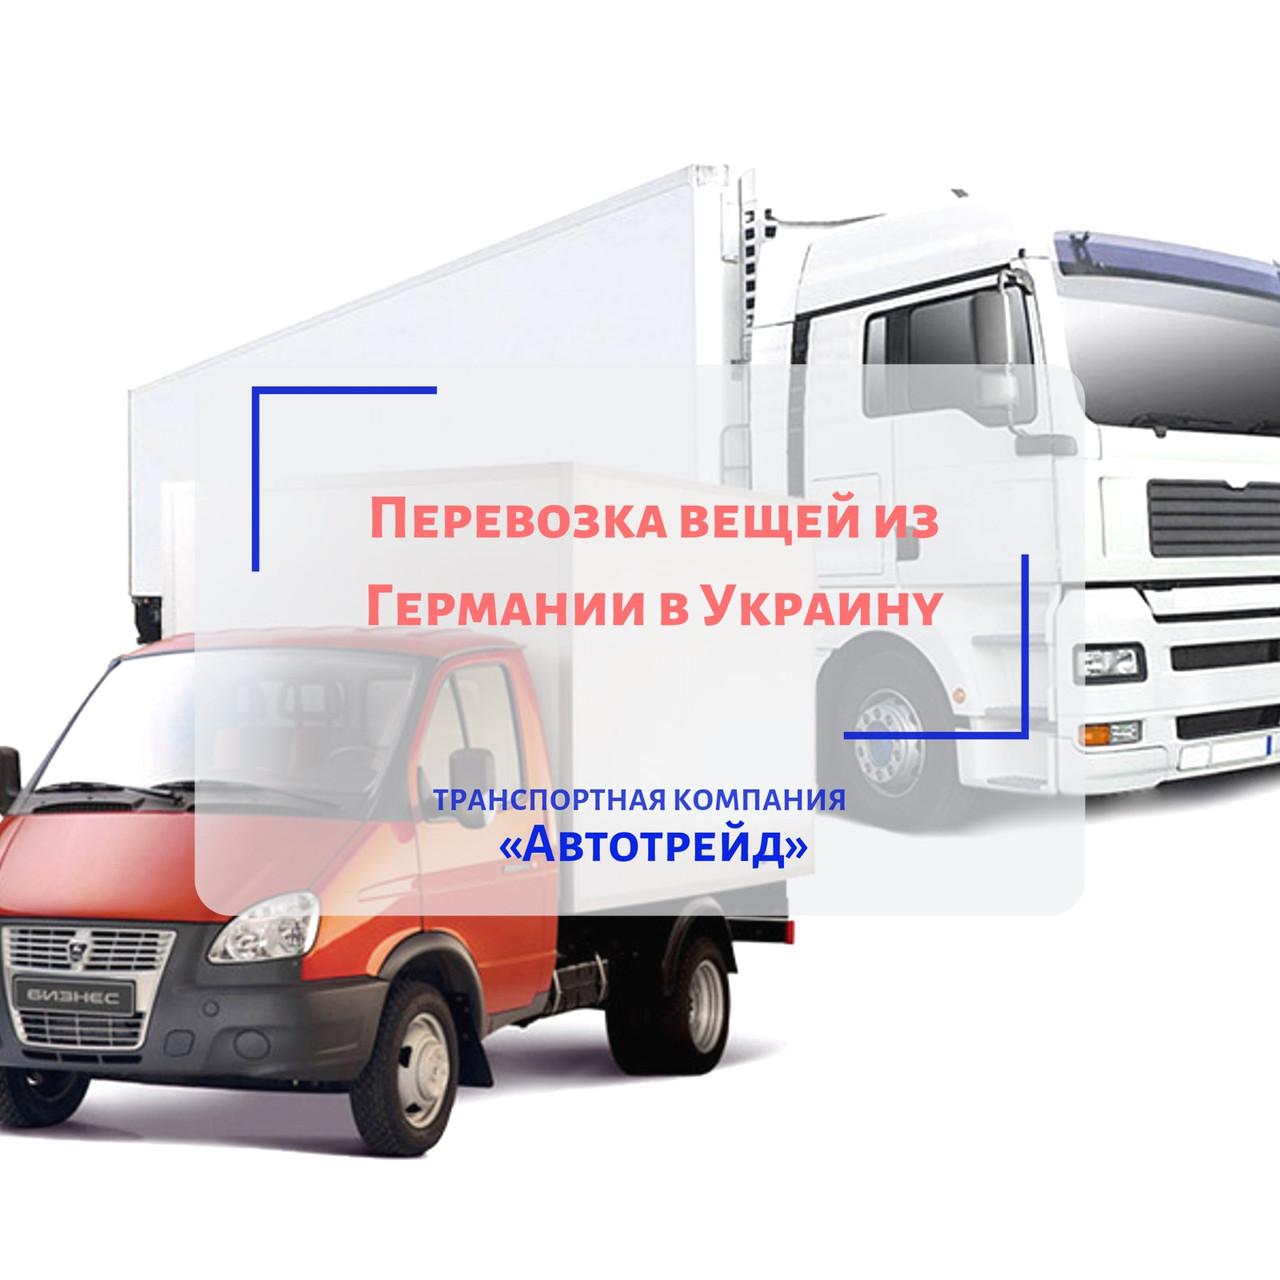 Перевезення речей з Німеччини в Україну. Заявка